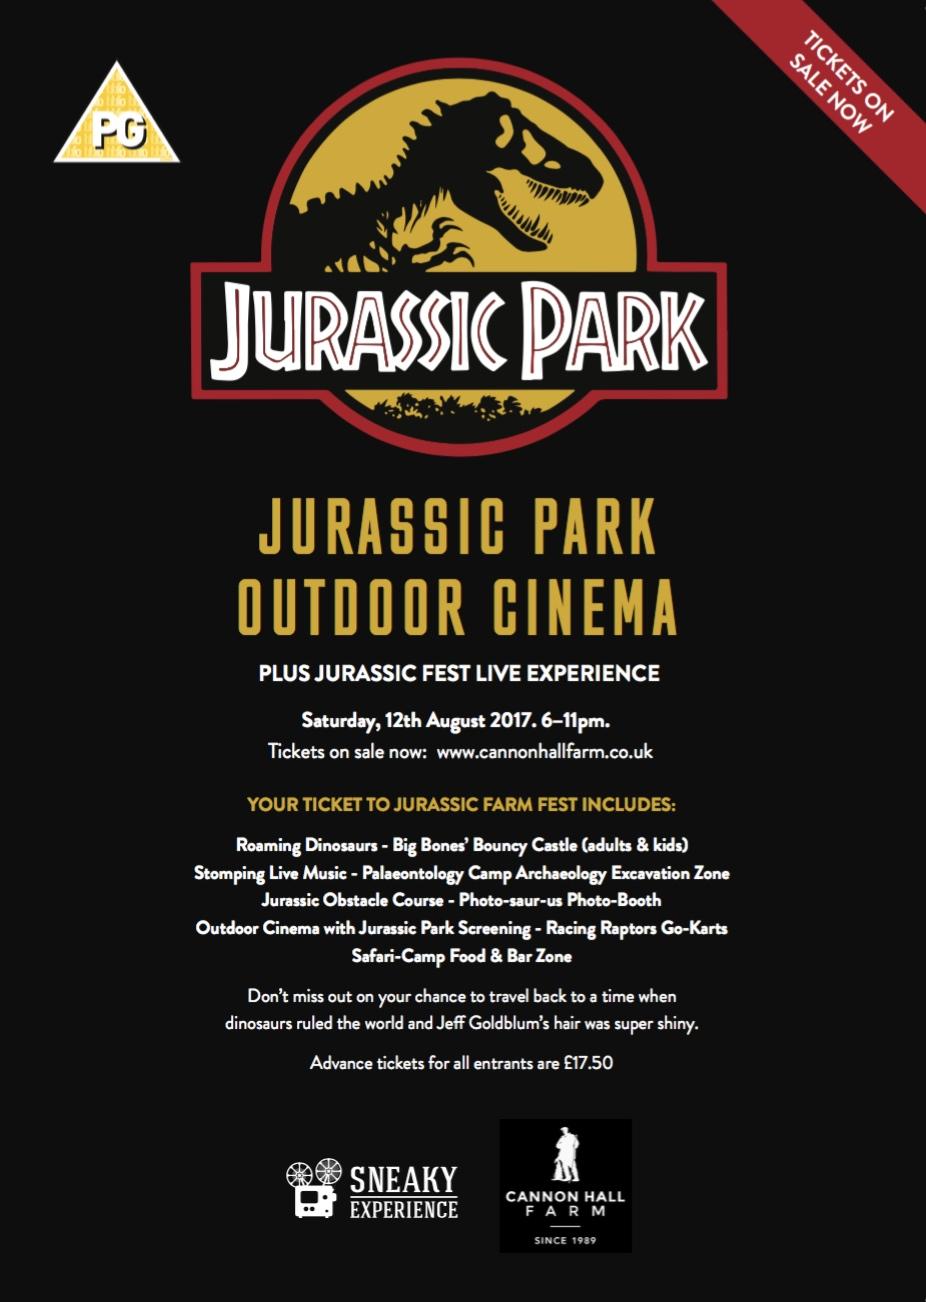 Jurassic Park new poster